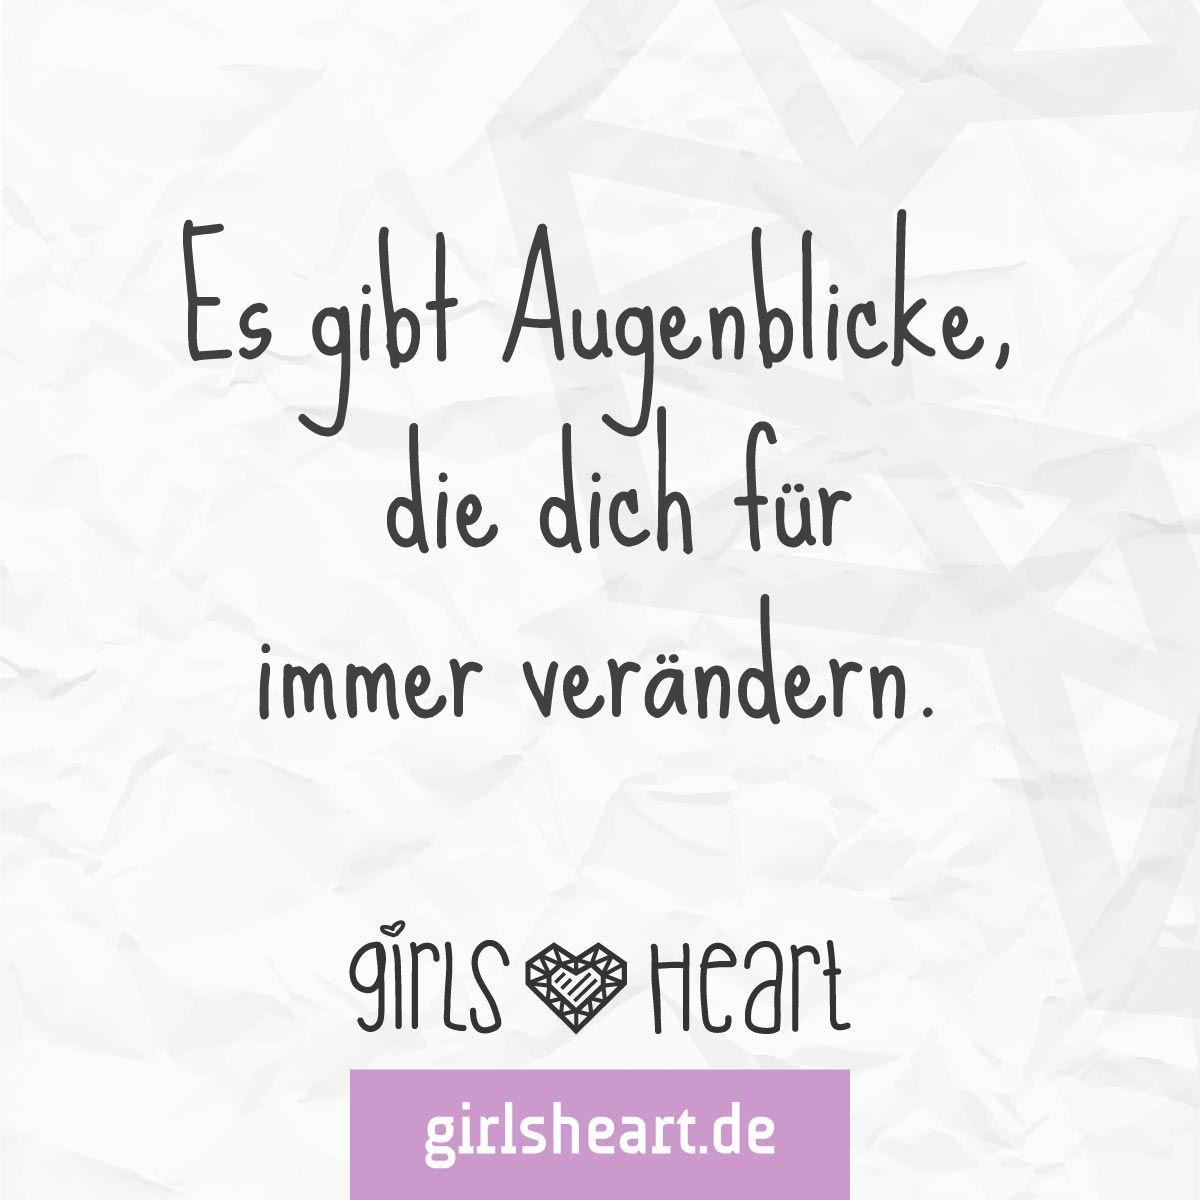 Incroyable Mehr Sprüche Auf: Www.girlsheart.de #augenblicke #veränderung #zeit #